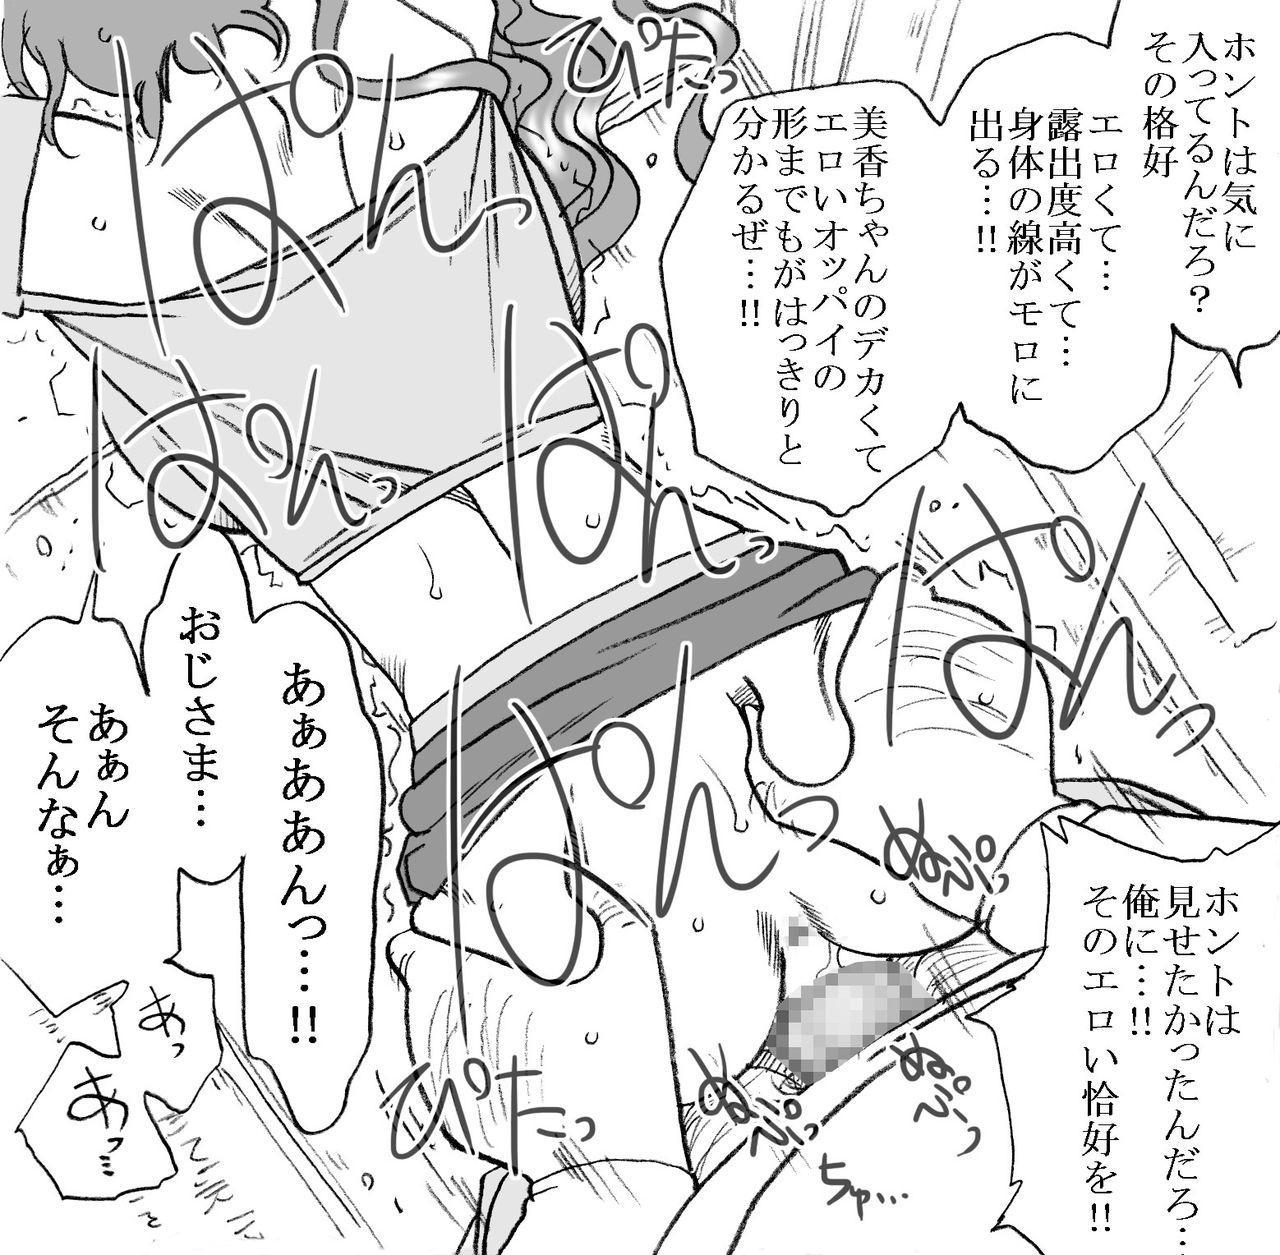 Mika-chan, Chichioya yori mo Toshiue no Ojisama to Ecchi sono 4 7